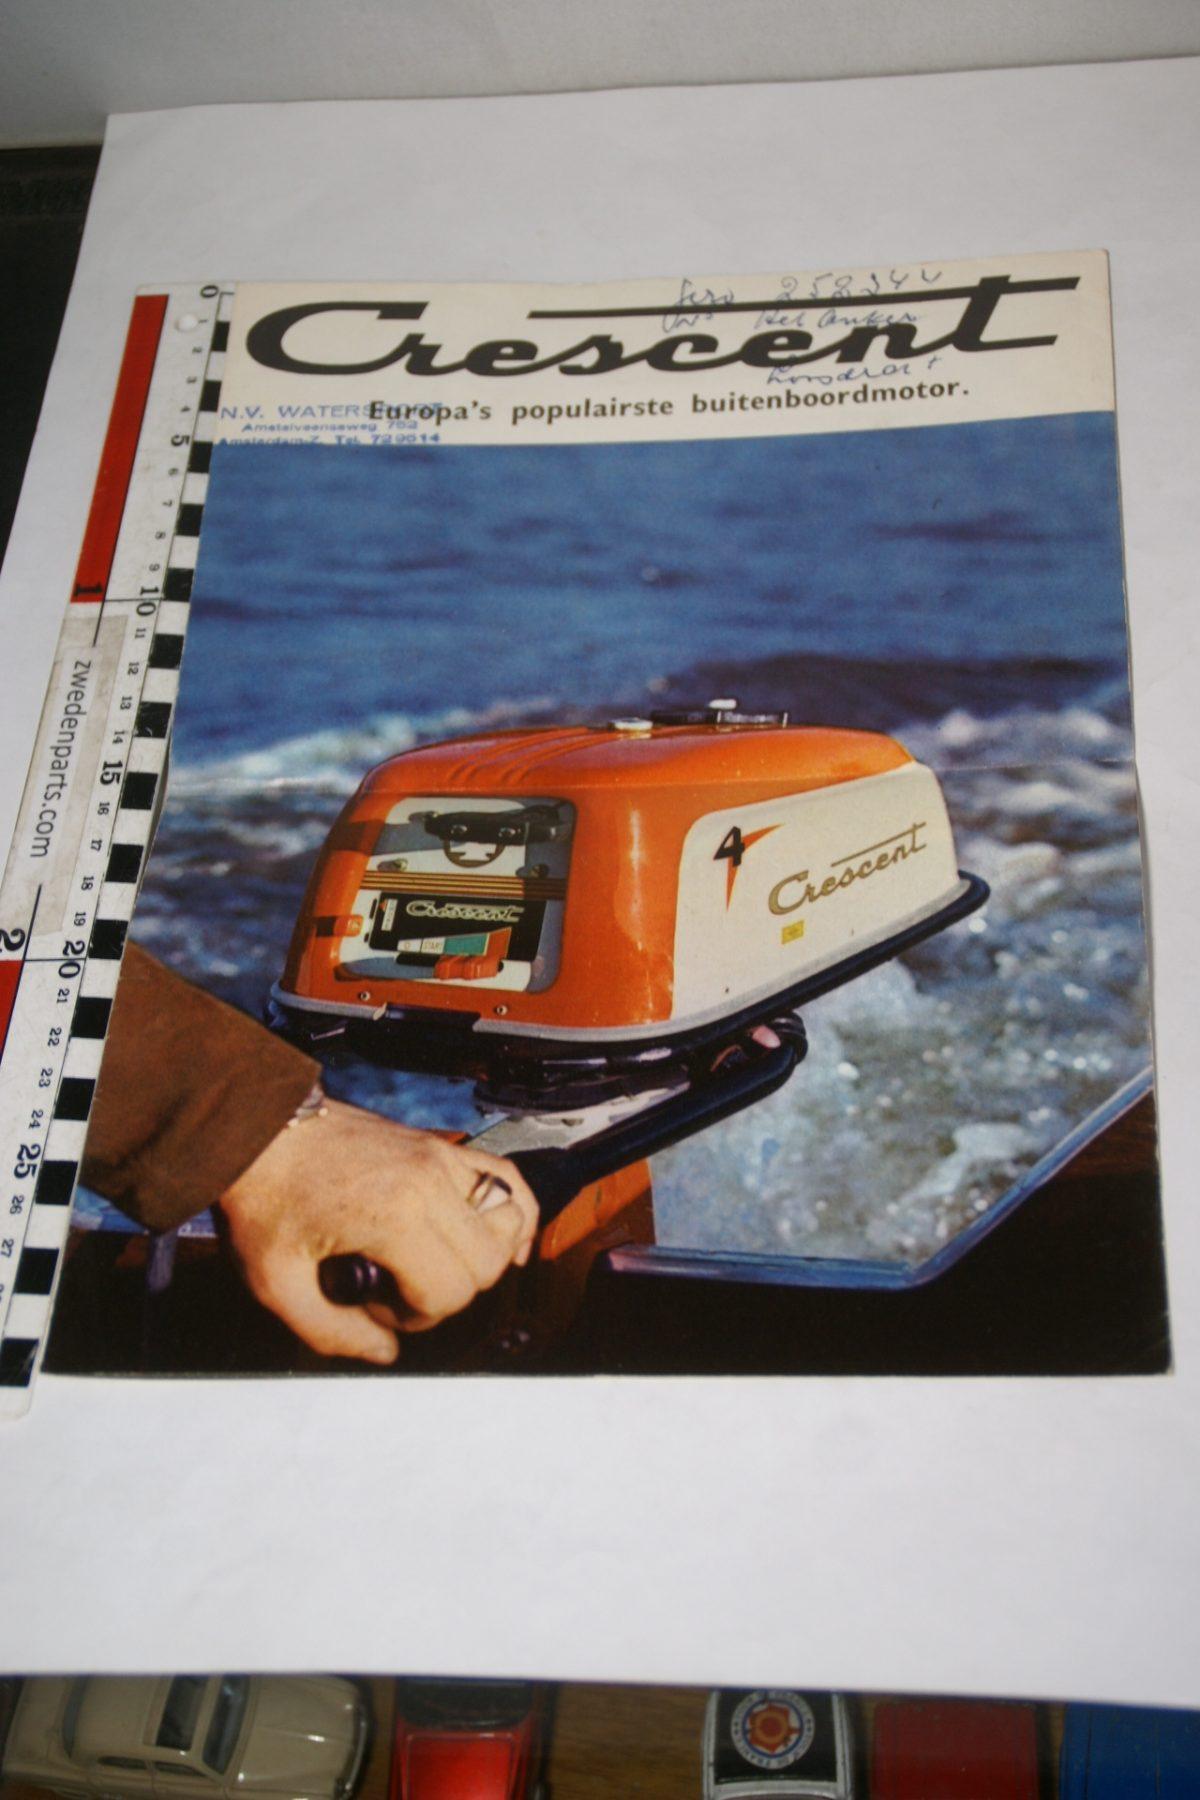 DSC05574 brochure Crescent Marine buitenboordmotoer